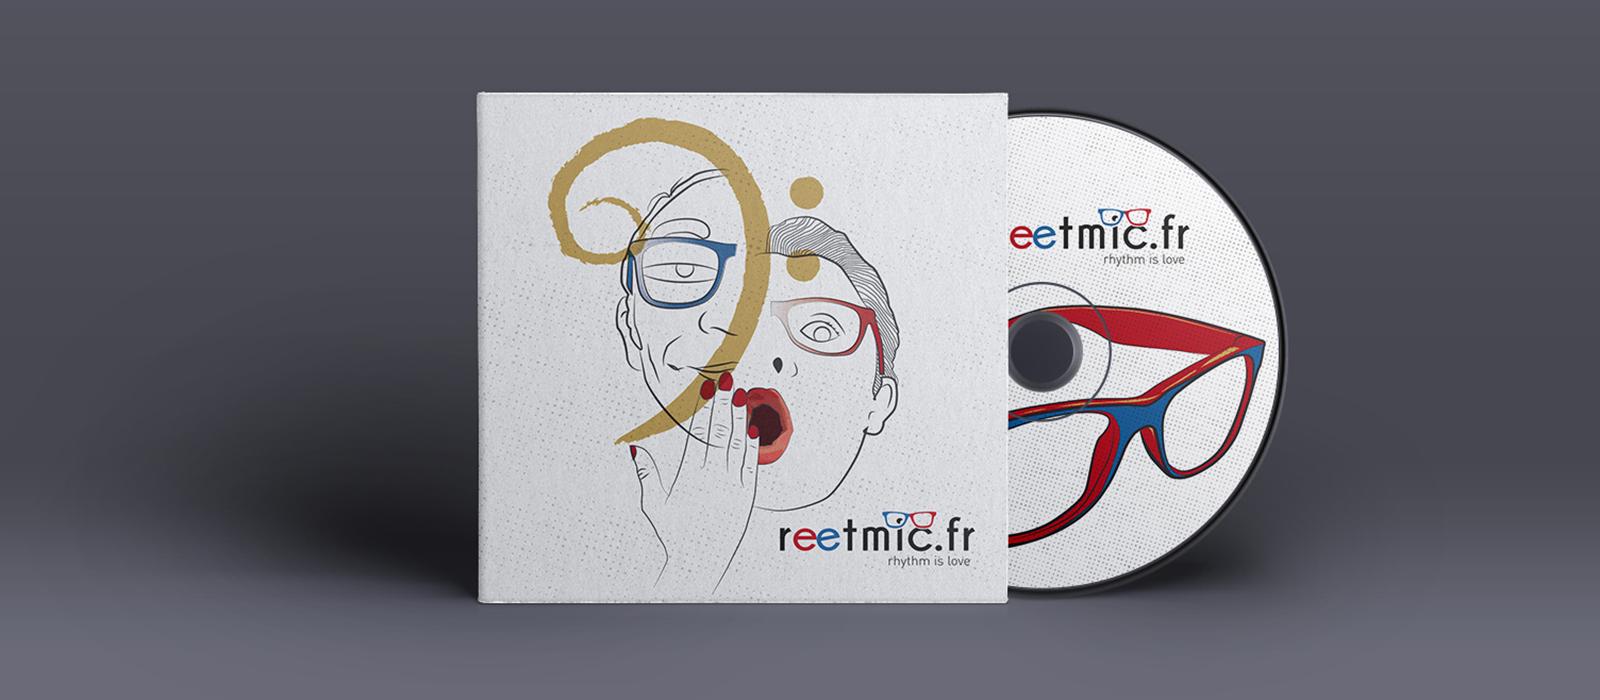 Dossier de présentation du spectacle Reetmic.fr